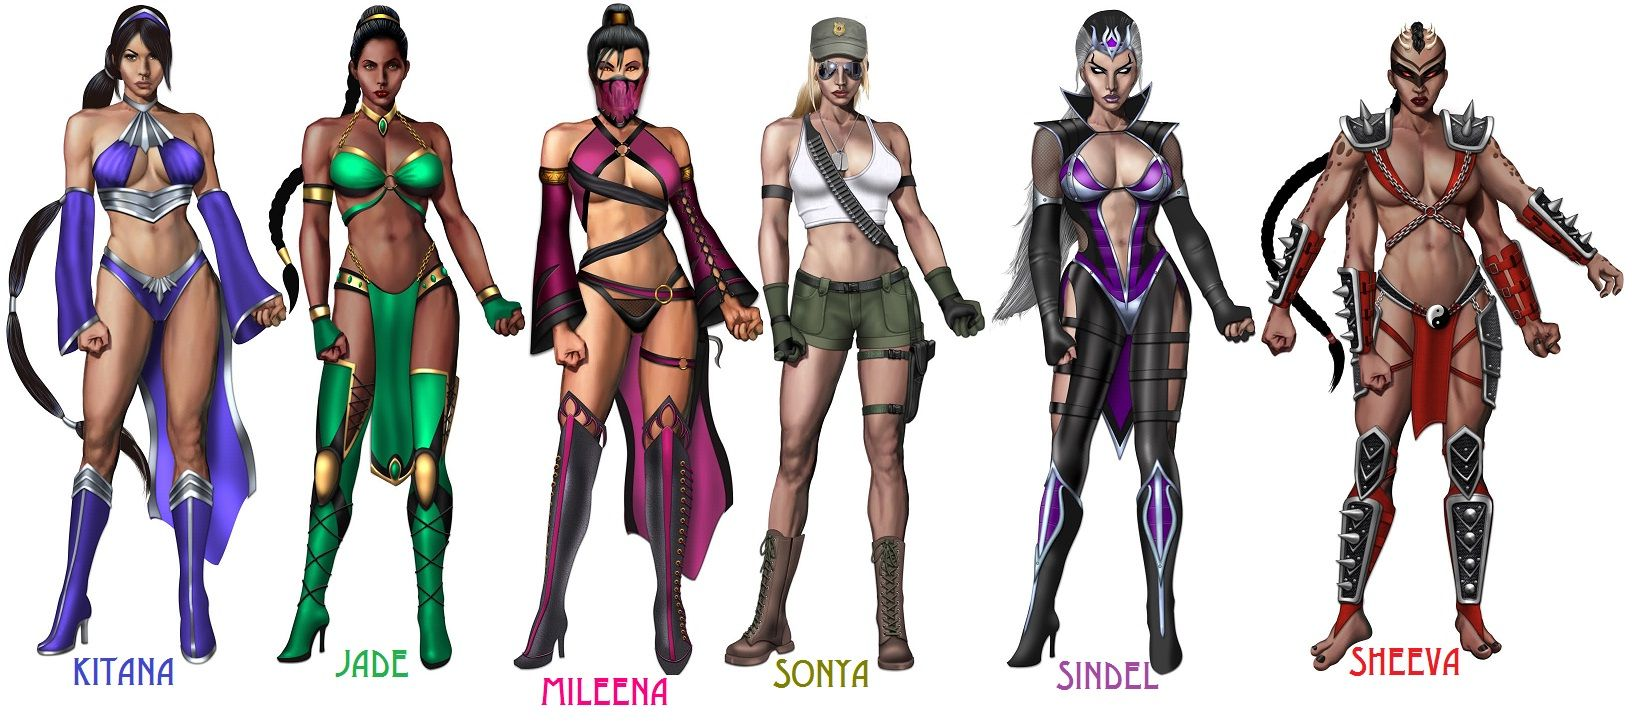 Strike A Pose Mortal Kombat Costumes Woman Mortal Kombat